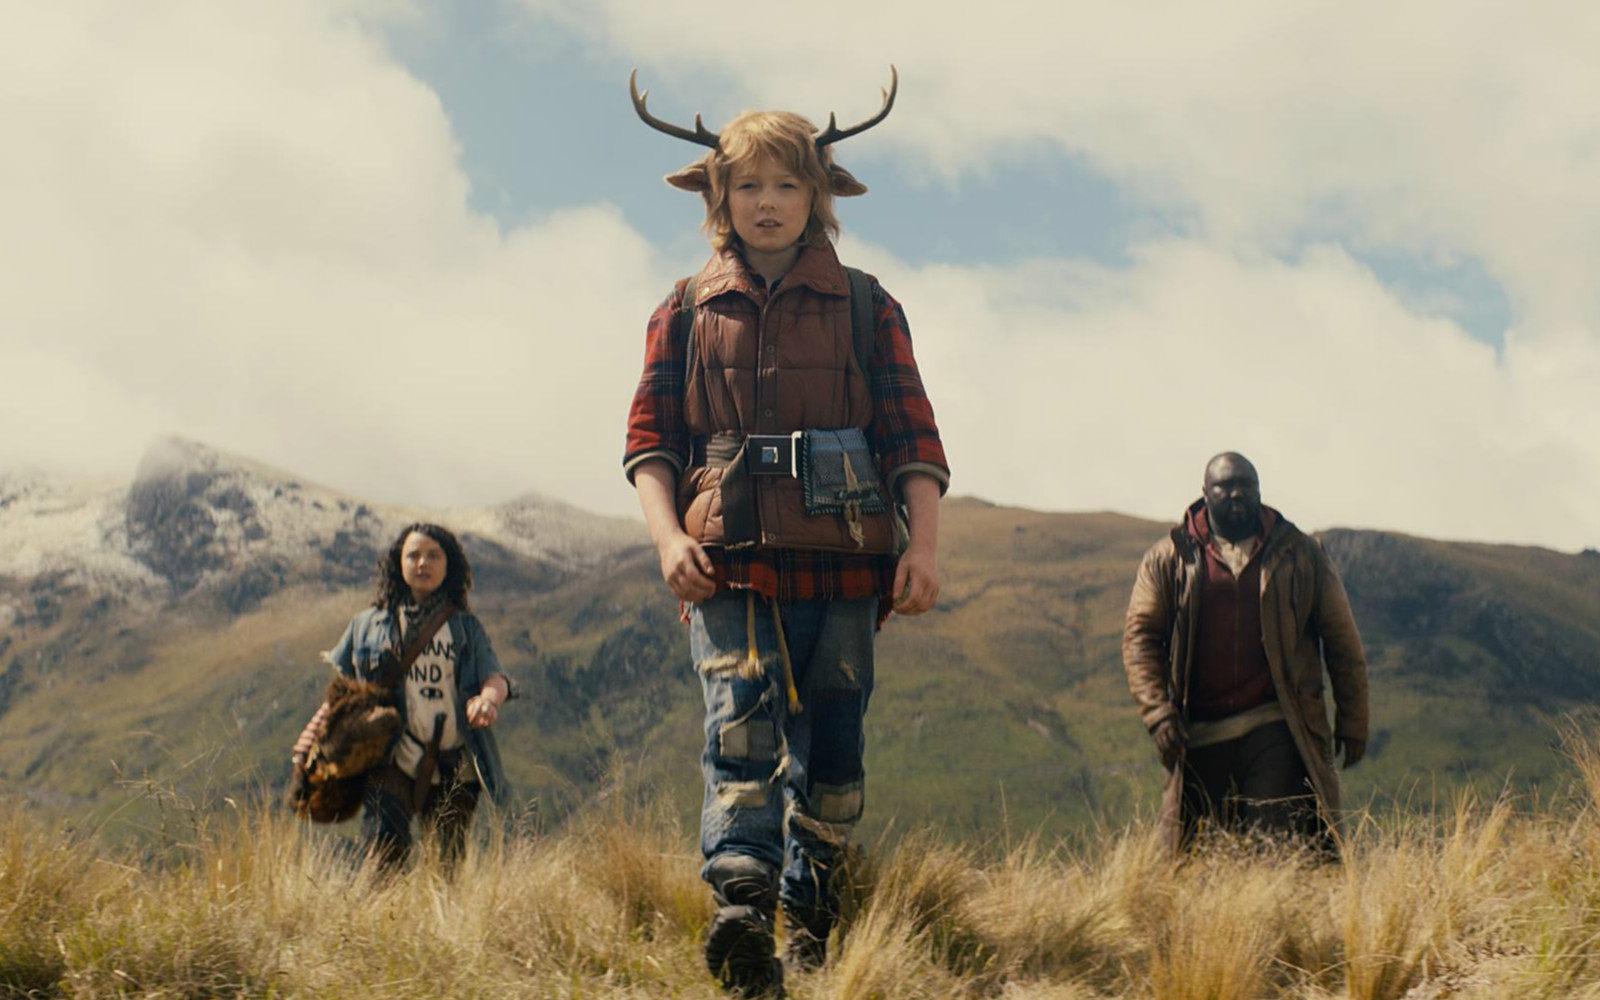 小罗伯特·唐尼夫妇监制Netflix新剧《鹿角男孩》发布预告